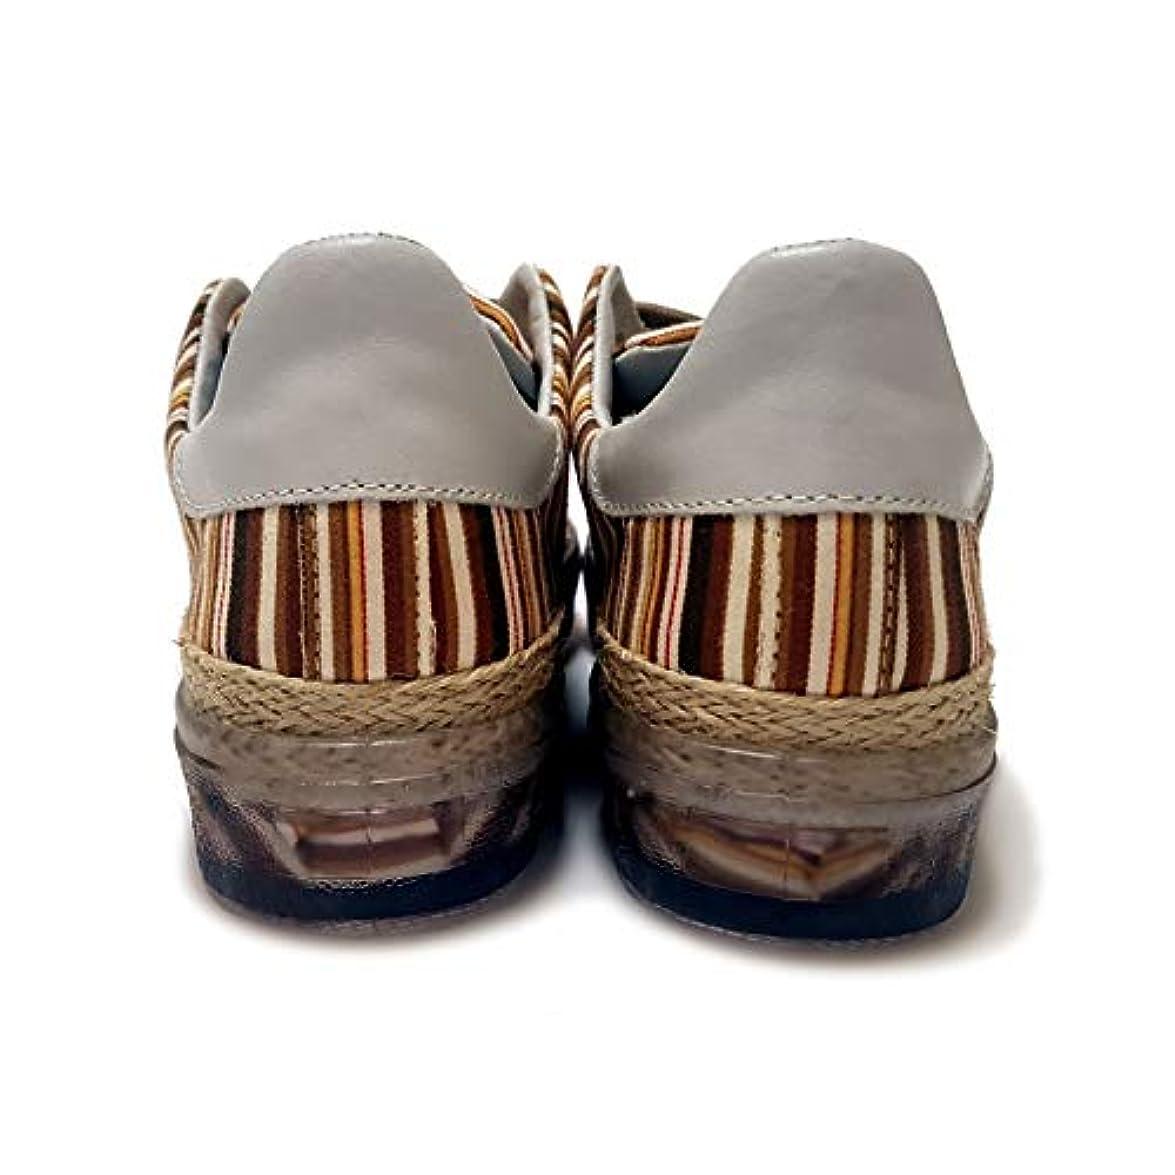 Divi Sneakers Donna Zc In Tessuto Rigato Con Suola Trasparente E Corda made Italy Edizione Esclusiva